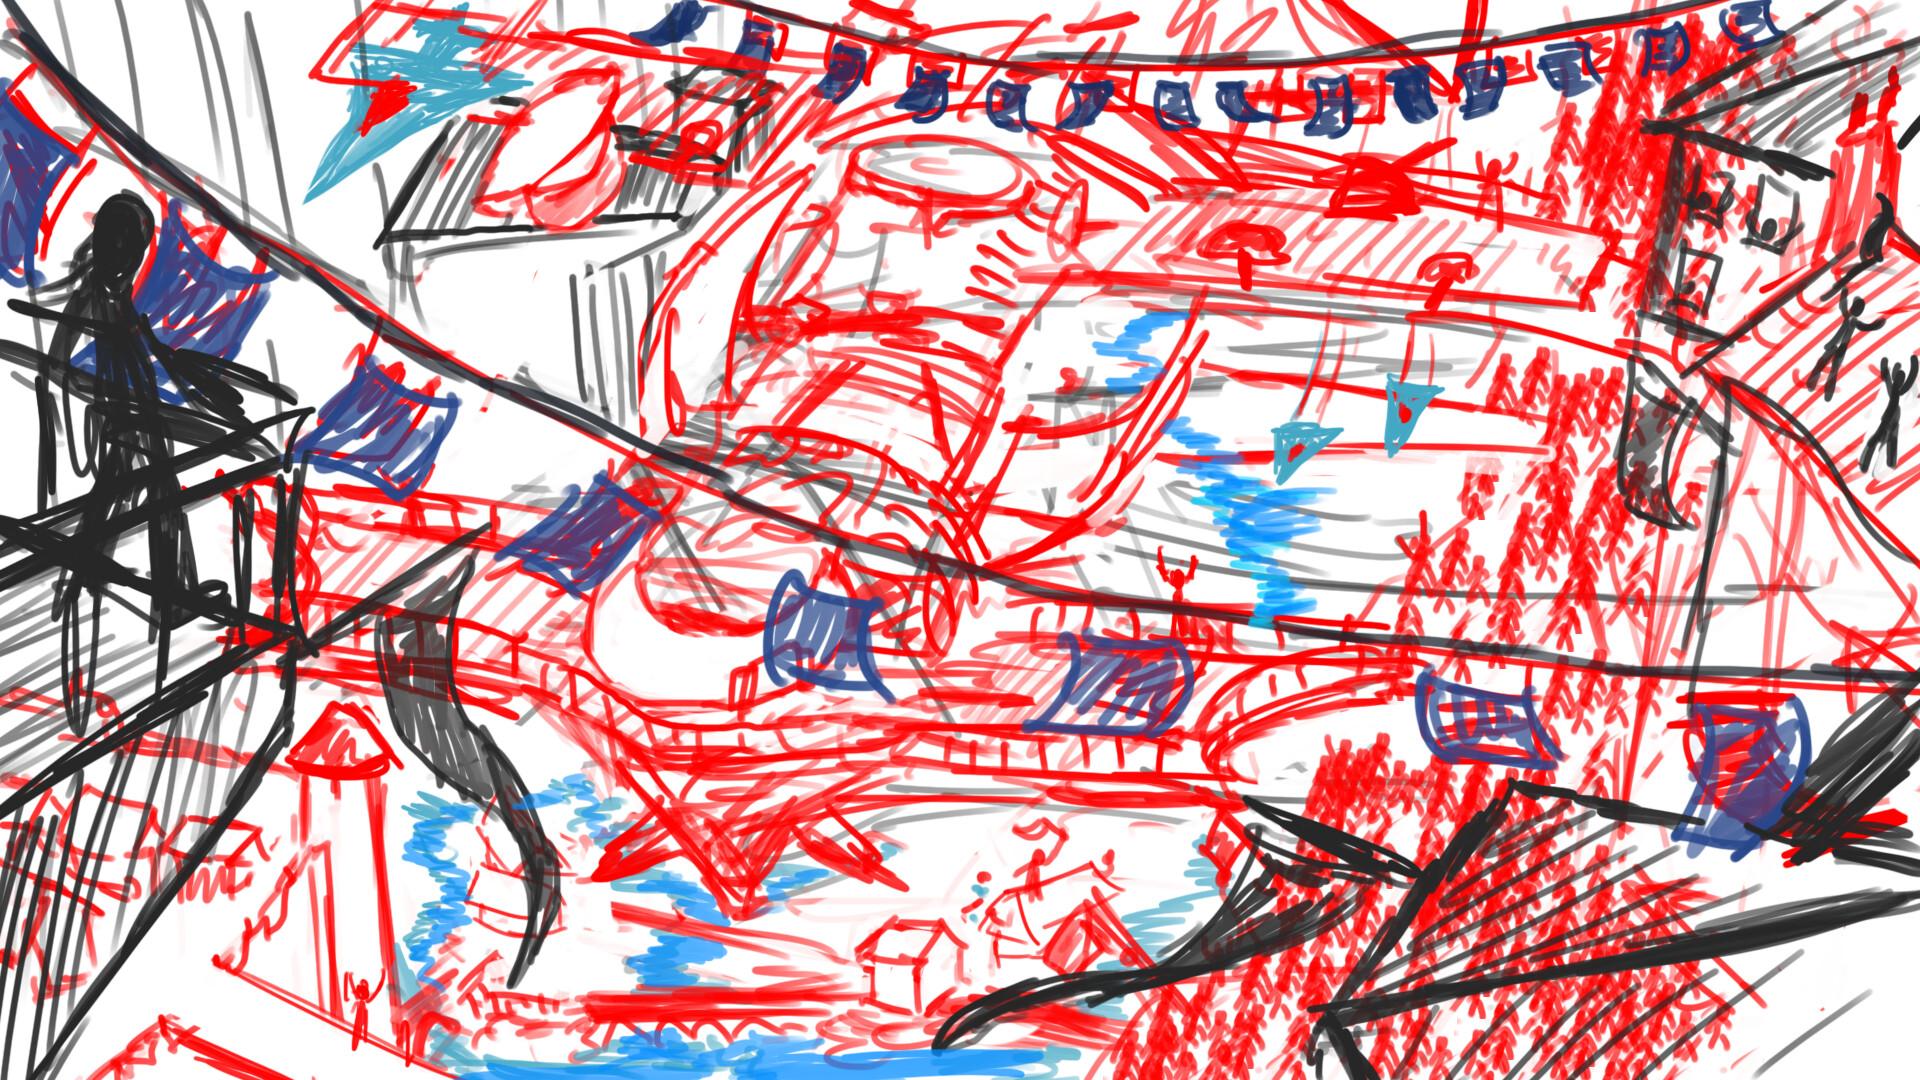 Alexander laheij drawing10 72